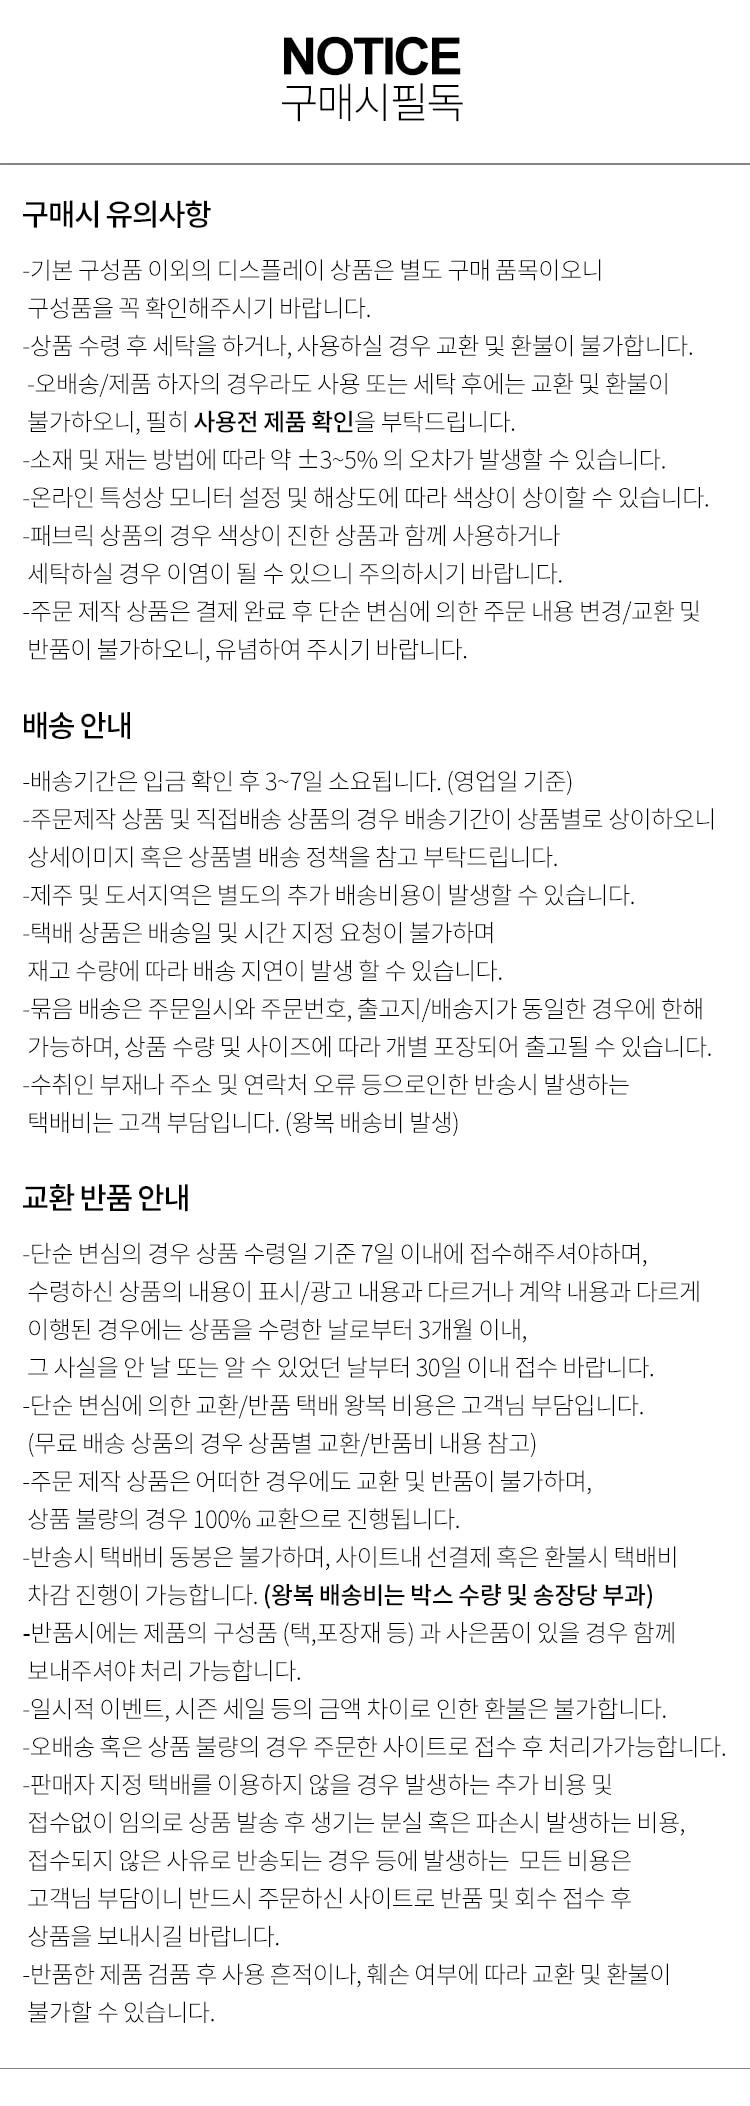 한샘윈도우[PREMIUM] 맞춤 암막 롤스크린 - 한샘_윈도우, 550원, 롤스크린, 암막/방염 롤스크린